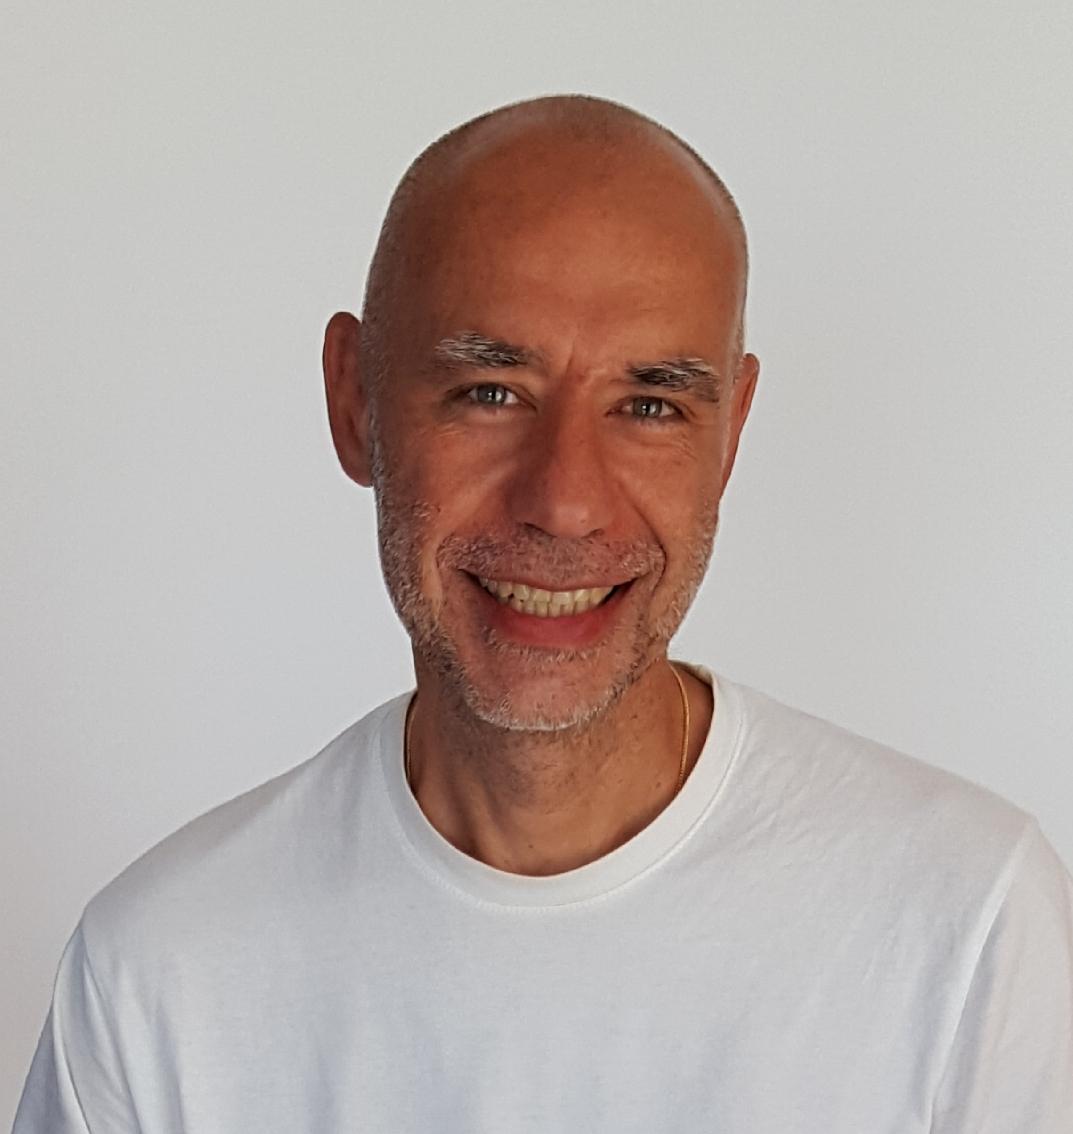 Periklis Giavasoglou  , MBA, Co-founder